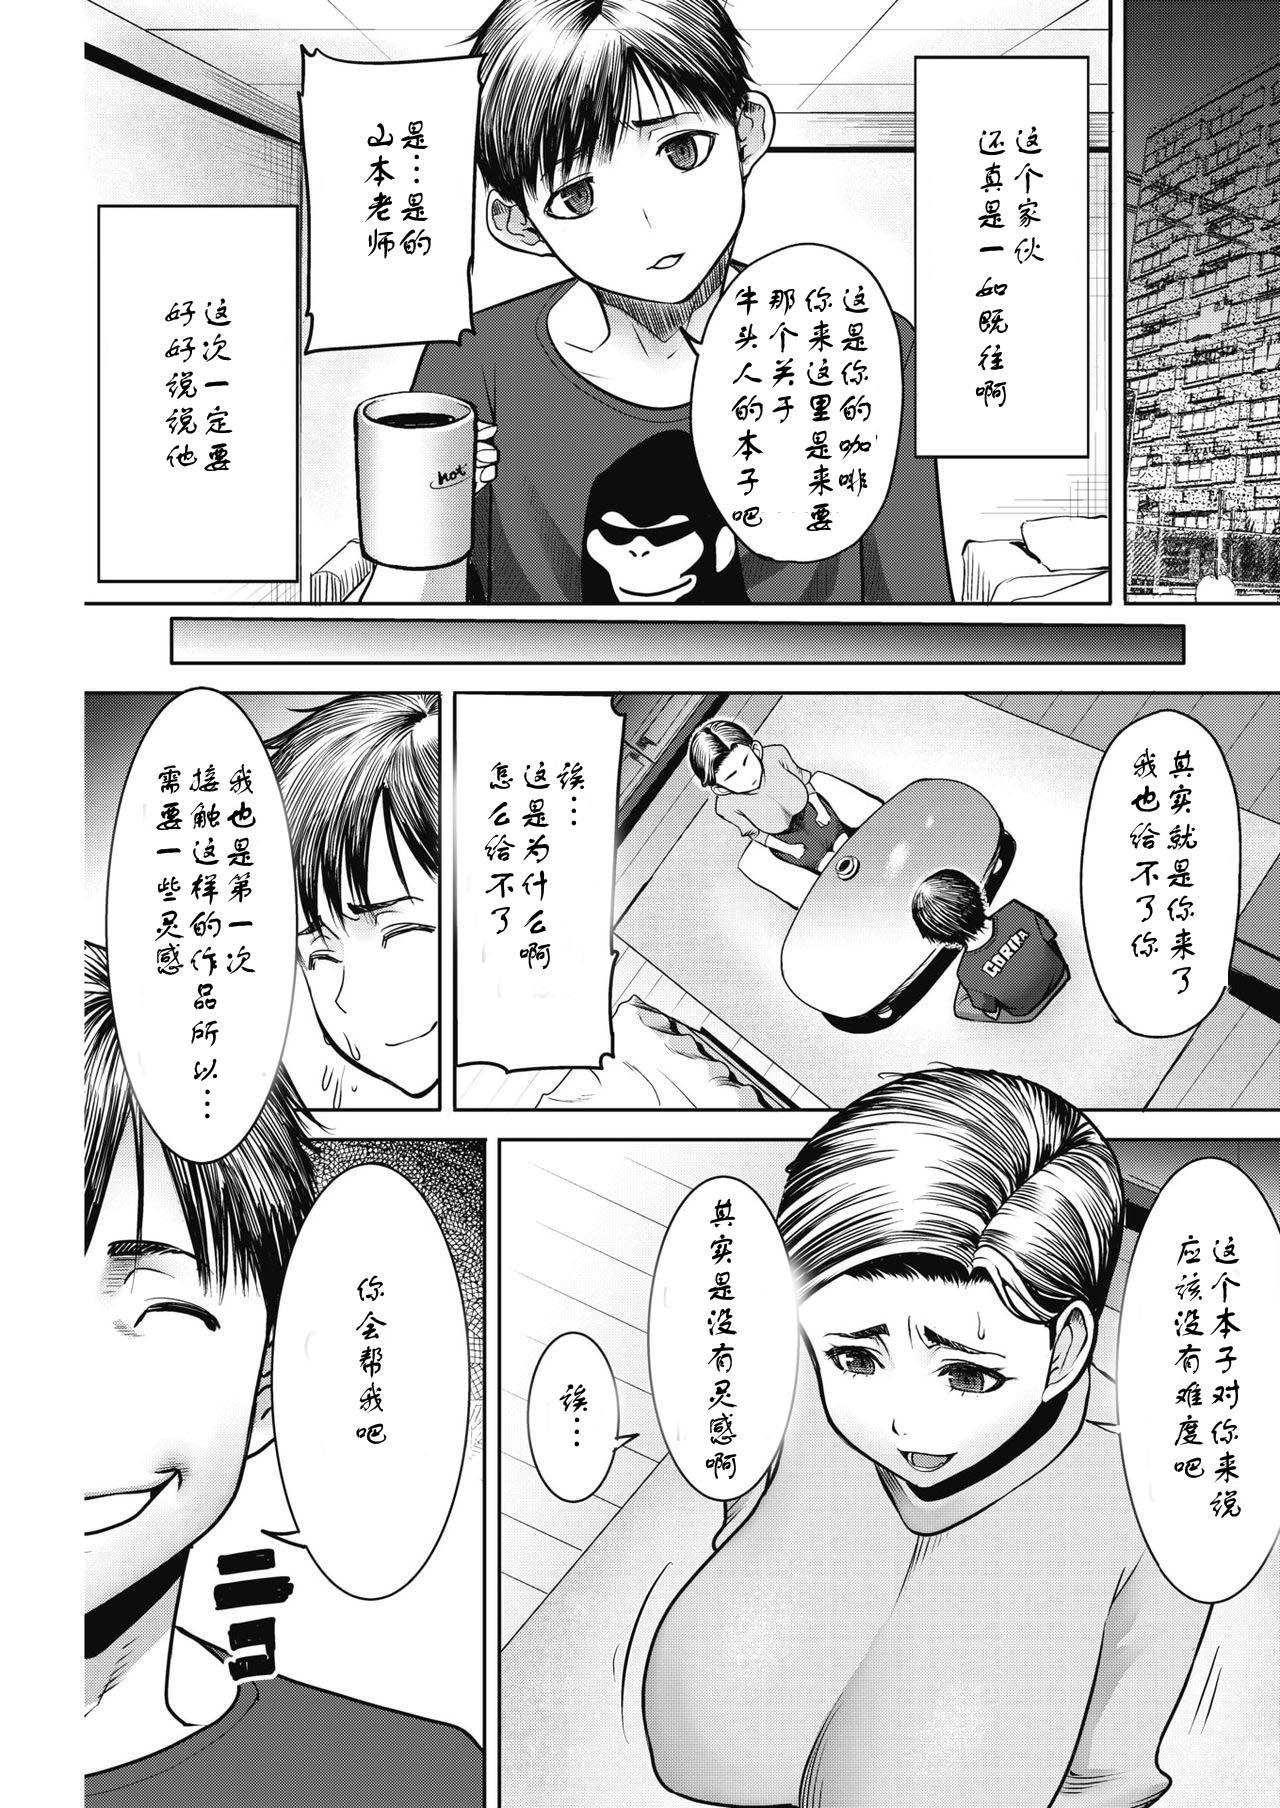 Onna Henshuuchou / Fuyuki Akira no Netotare Manga Seisaku no Michi 2